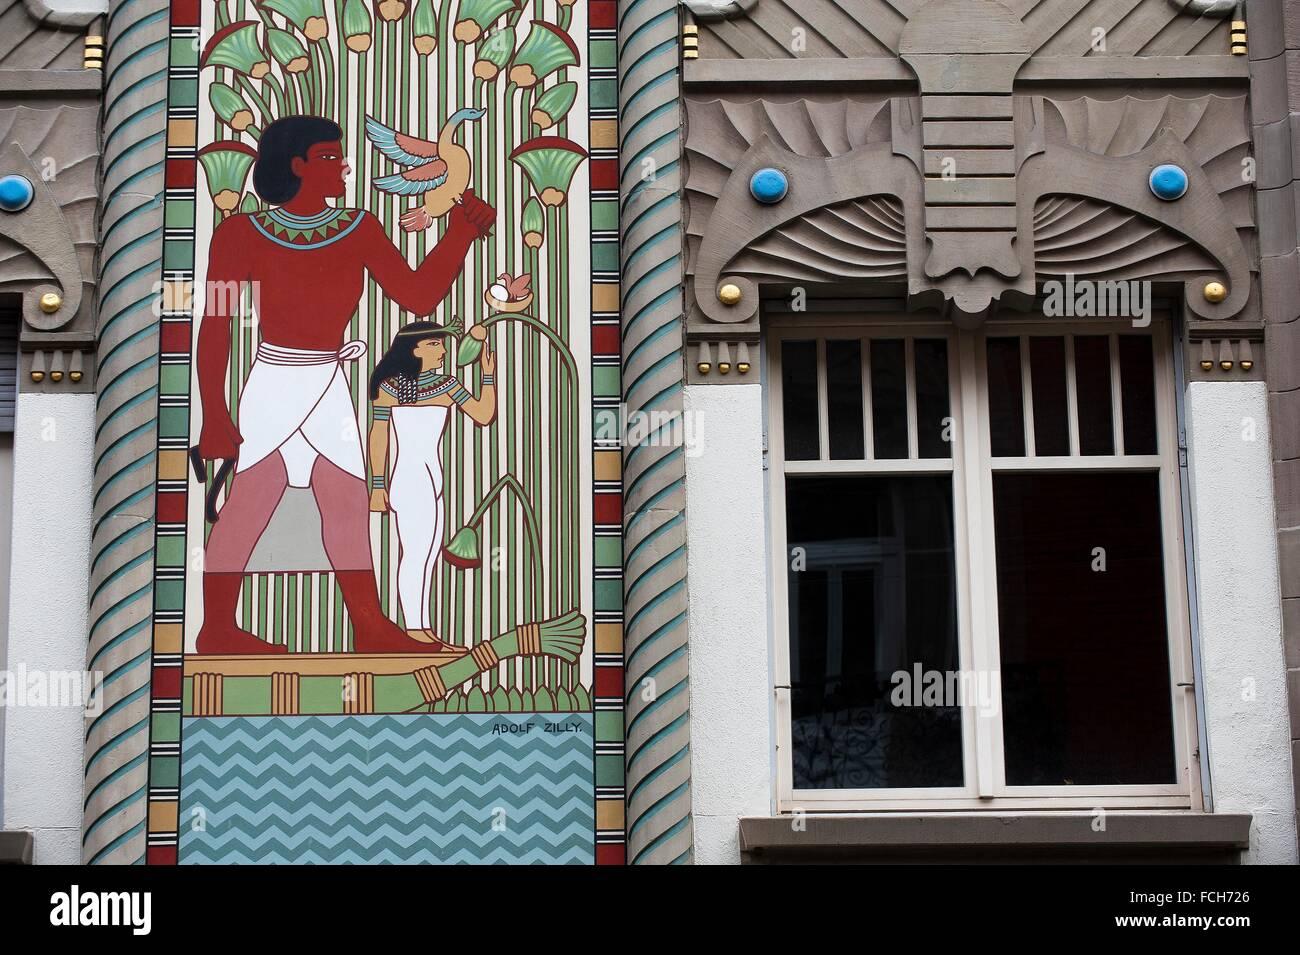 Decor Art Nouveau Stock Photos Decor Art Nouveau Stock Images Alamy